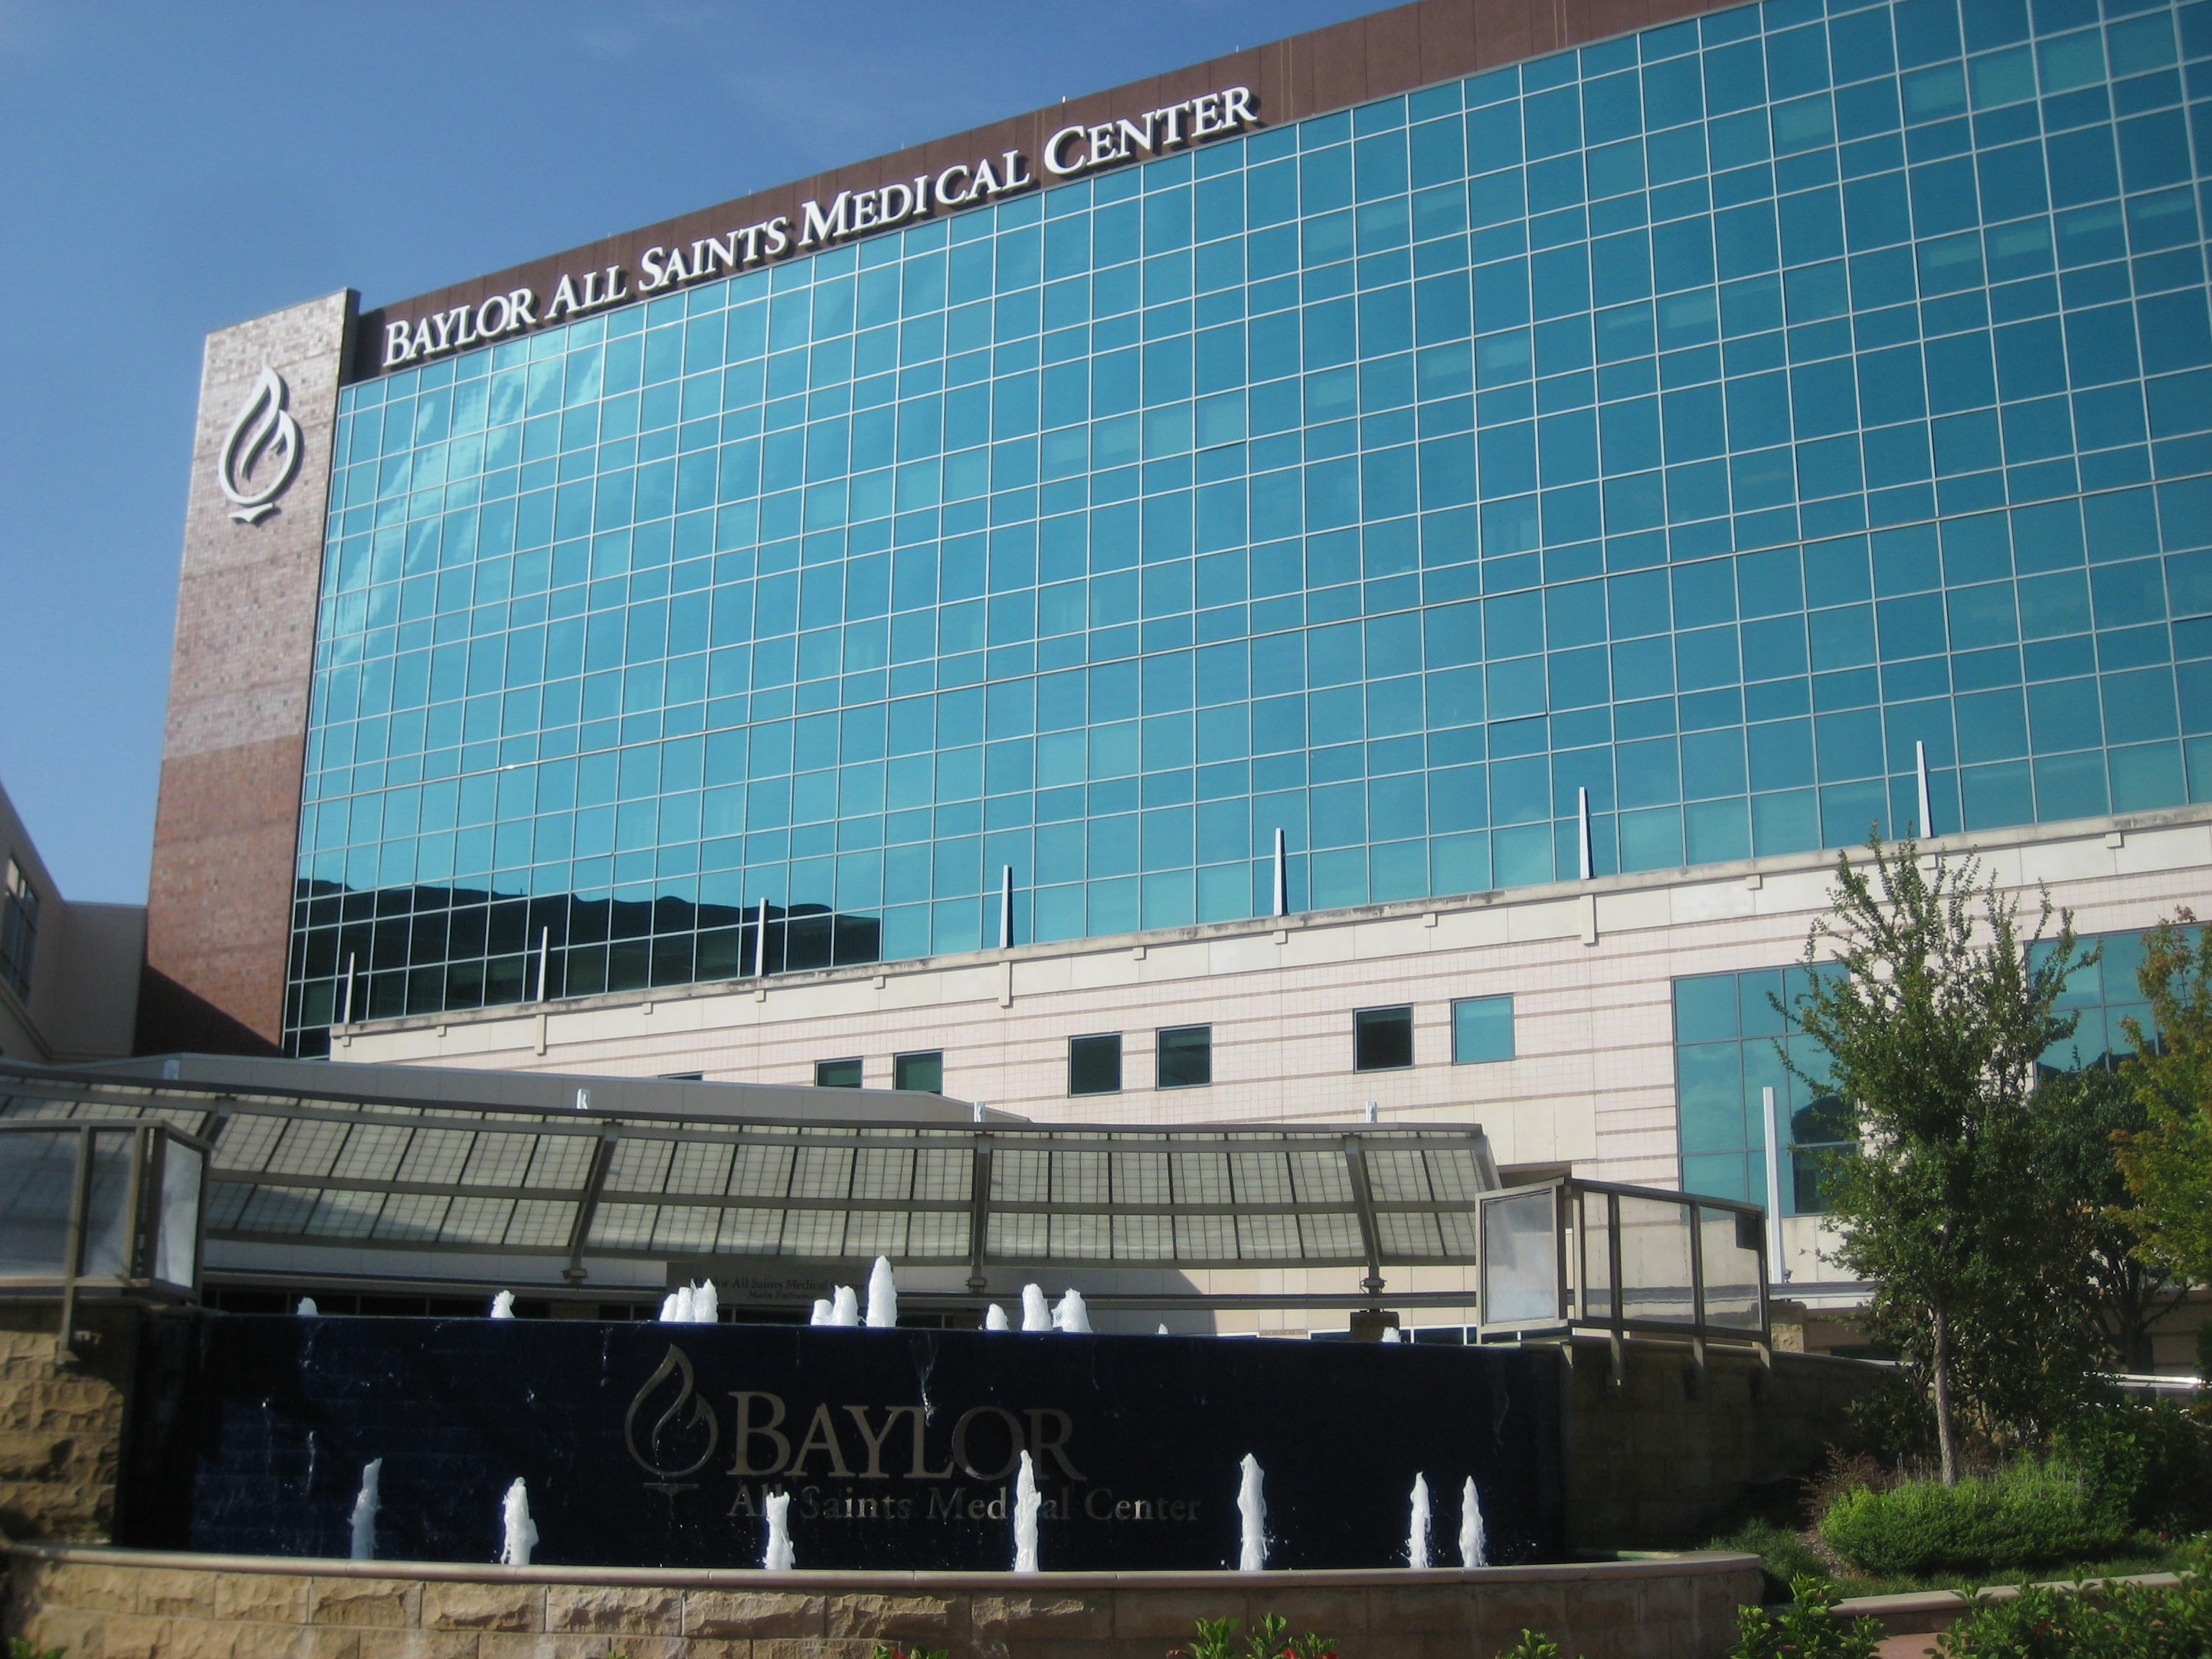 RLG Baylor All Saints Medical Center